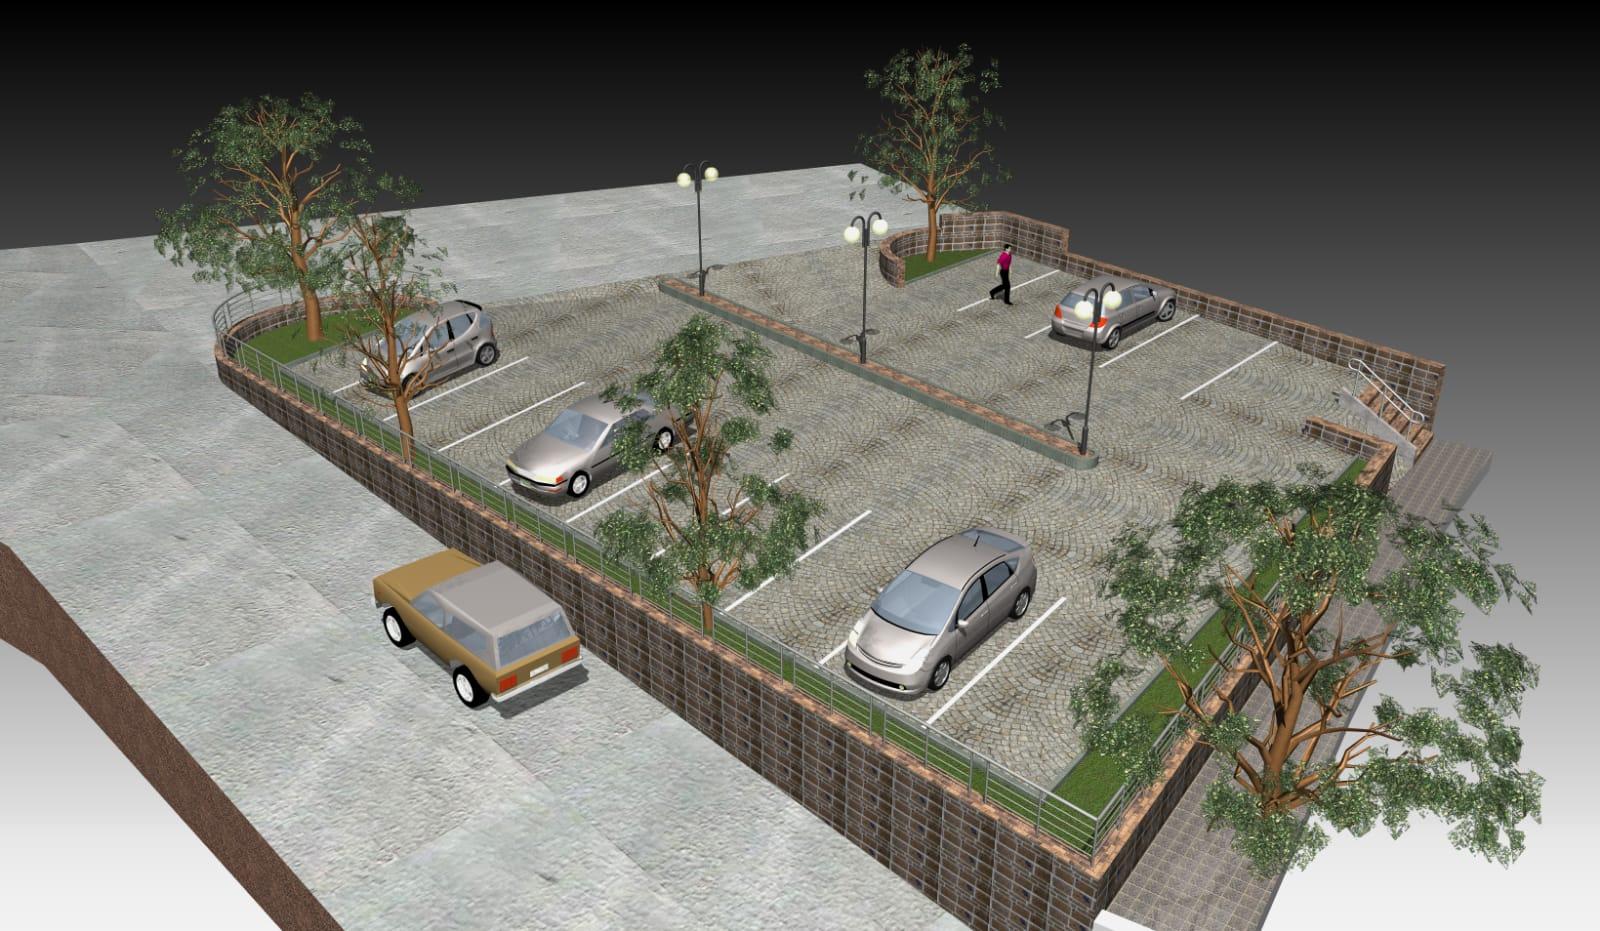 Bonea, nuovo progetto su via Carre: parcheggio e verde